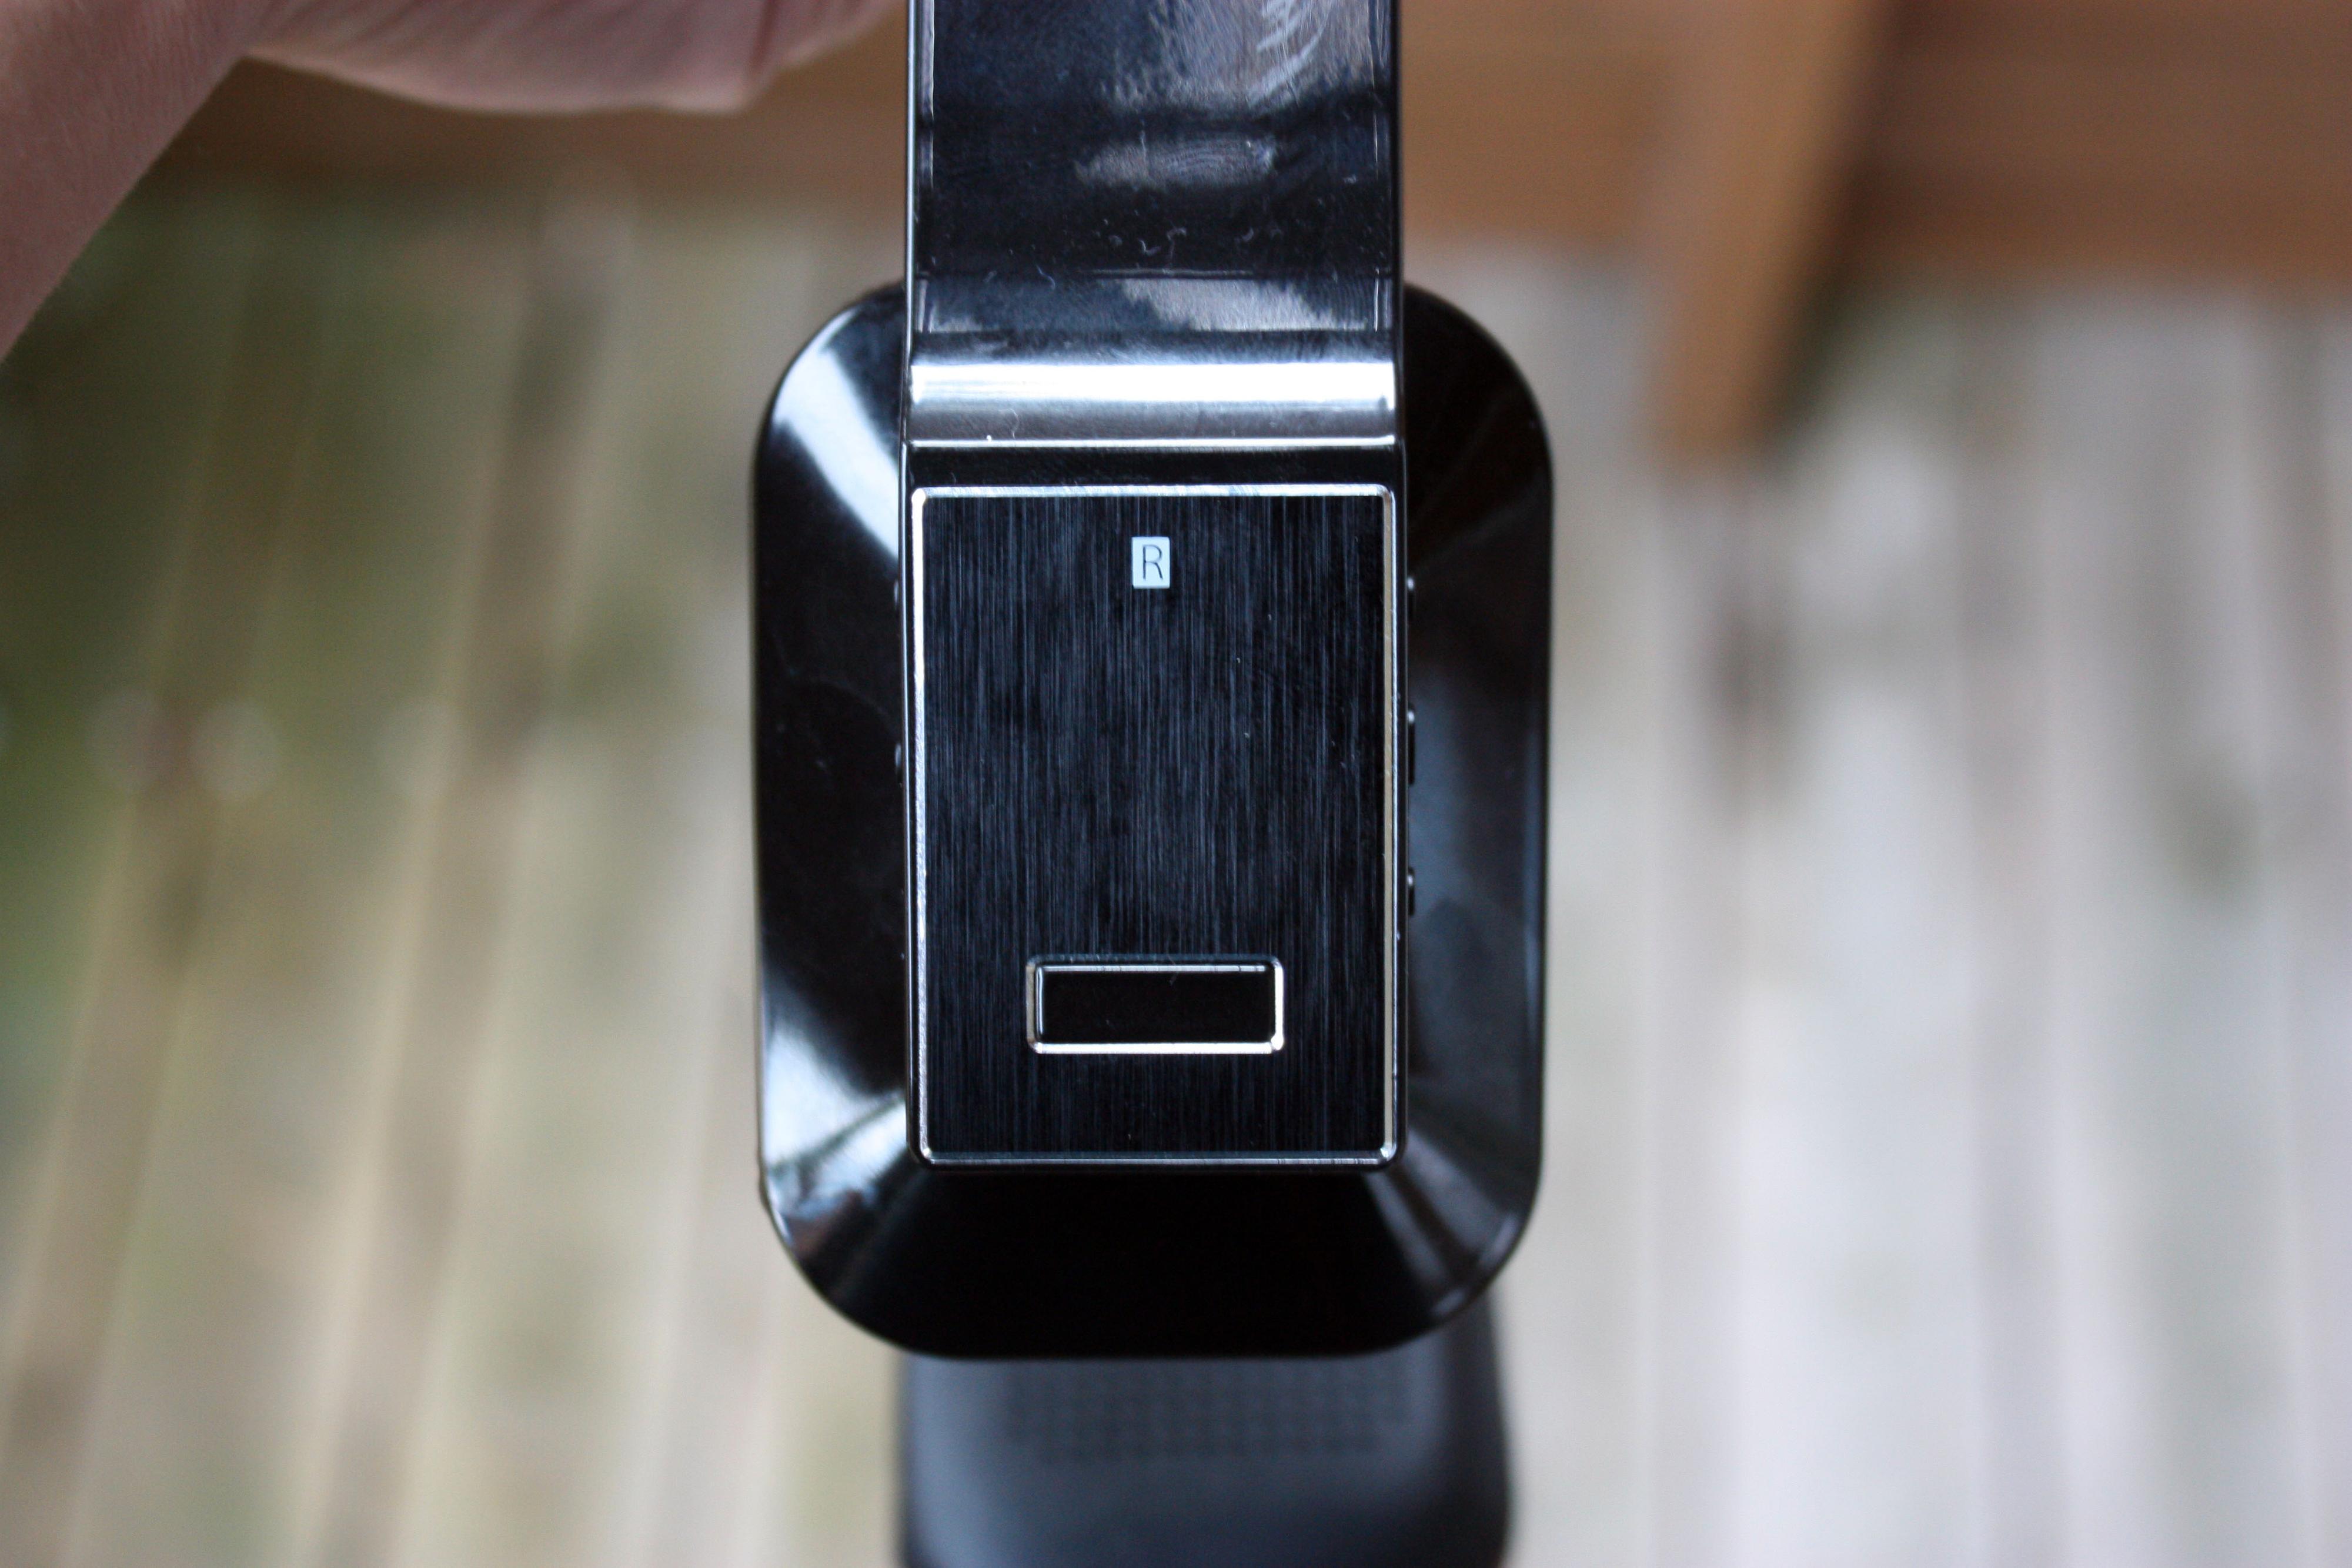 Den store knappen på høyre øreklokke styrer mange av funksjonene.Foto: Per-Øyvind Nordberg